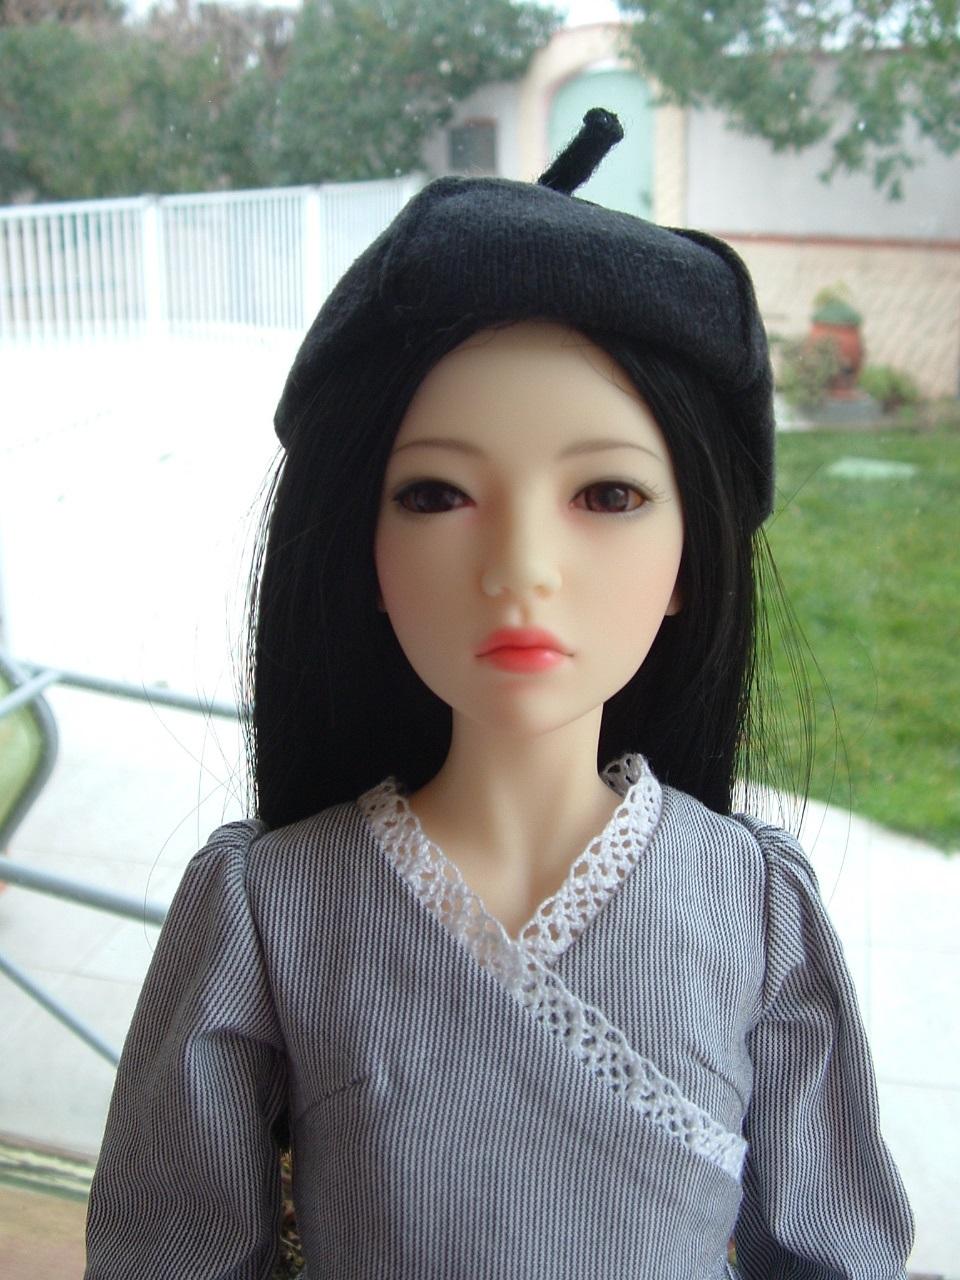 Je vous présente Mitsuko, ma belle Asa - première robe p 2 - autre tenue p 3 - Page 2 Dscf0445